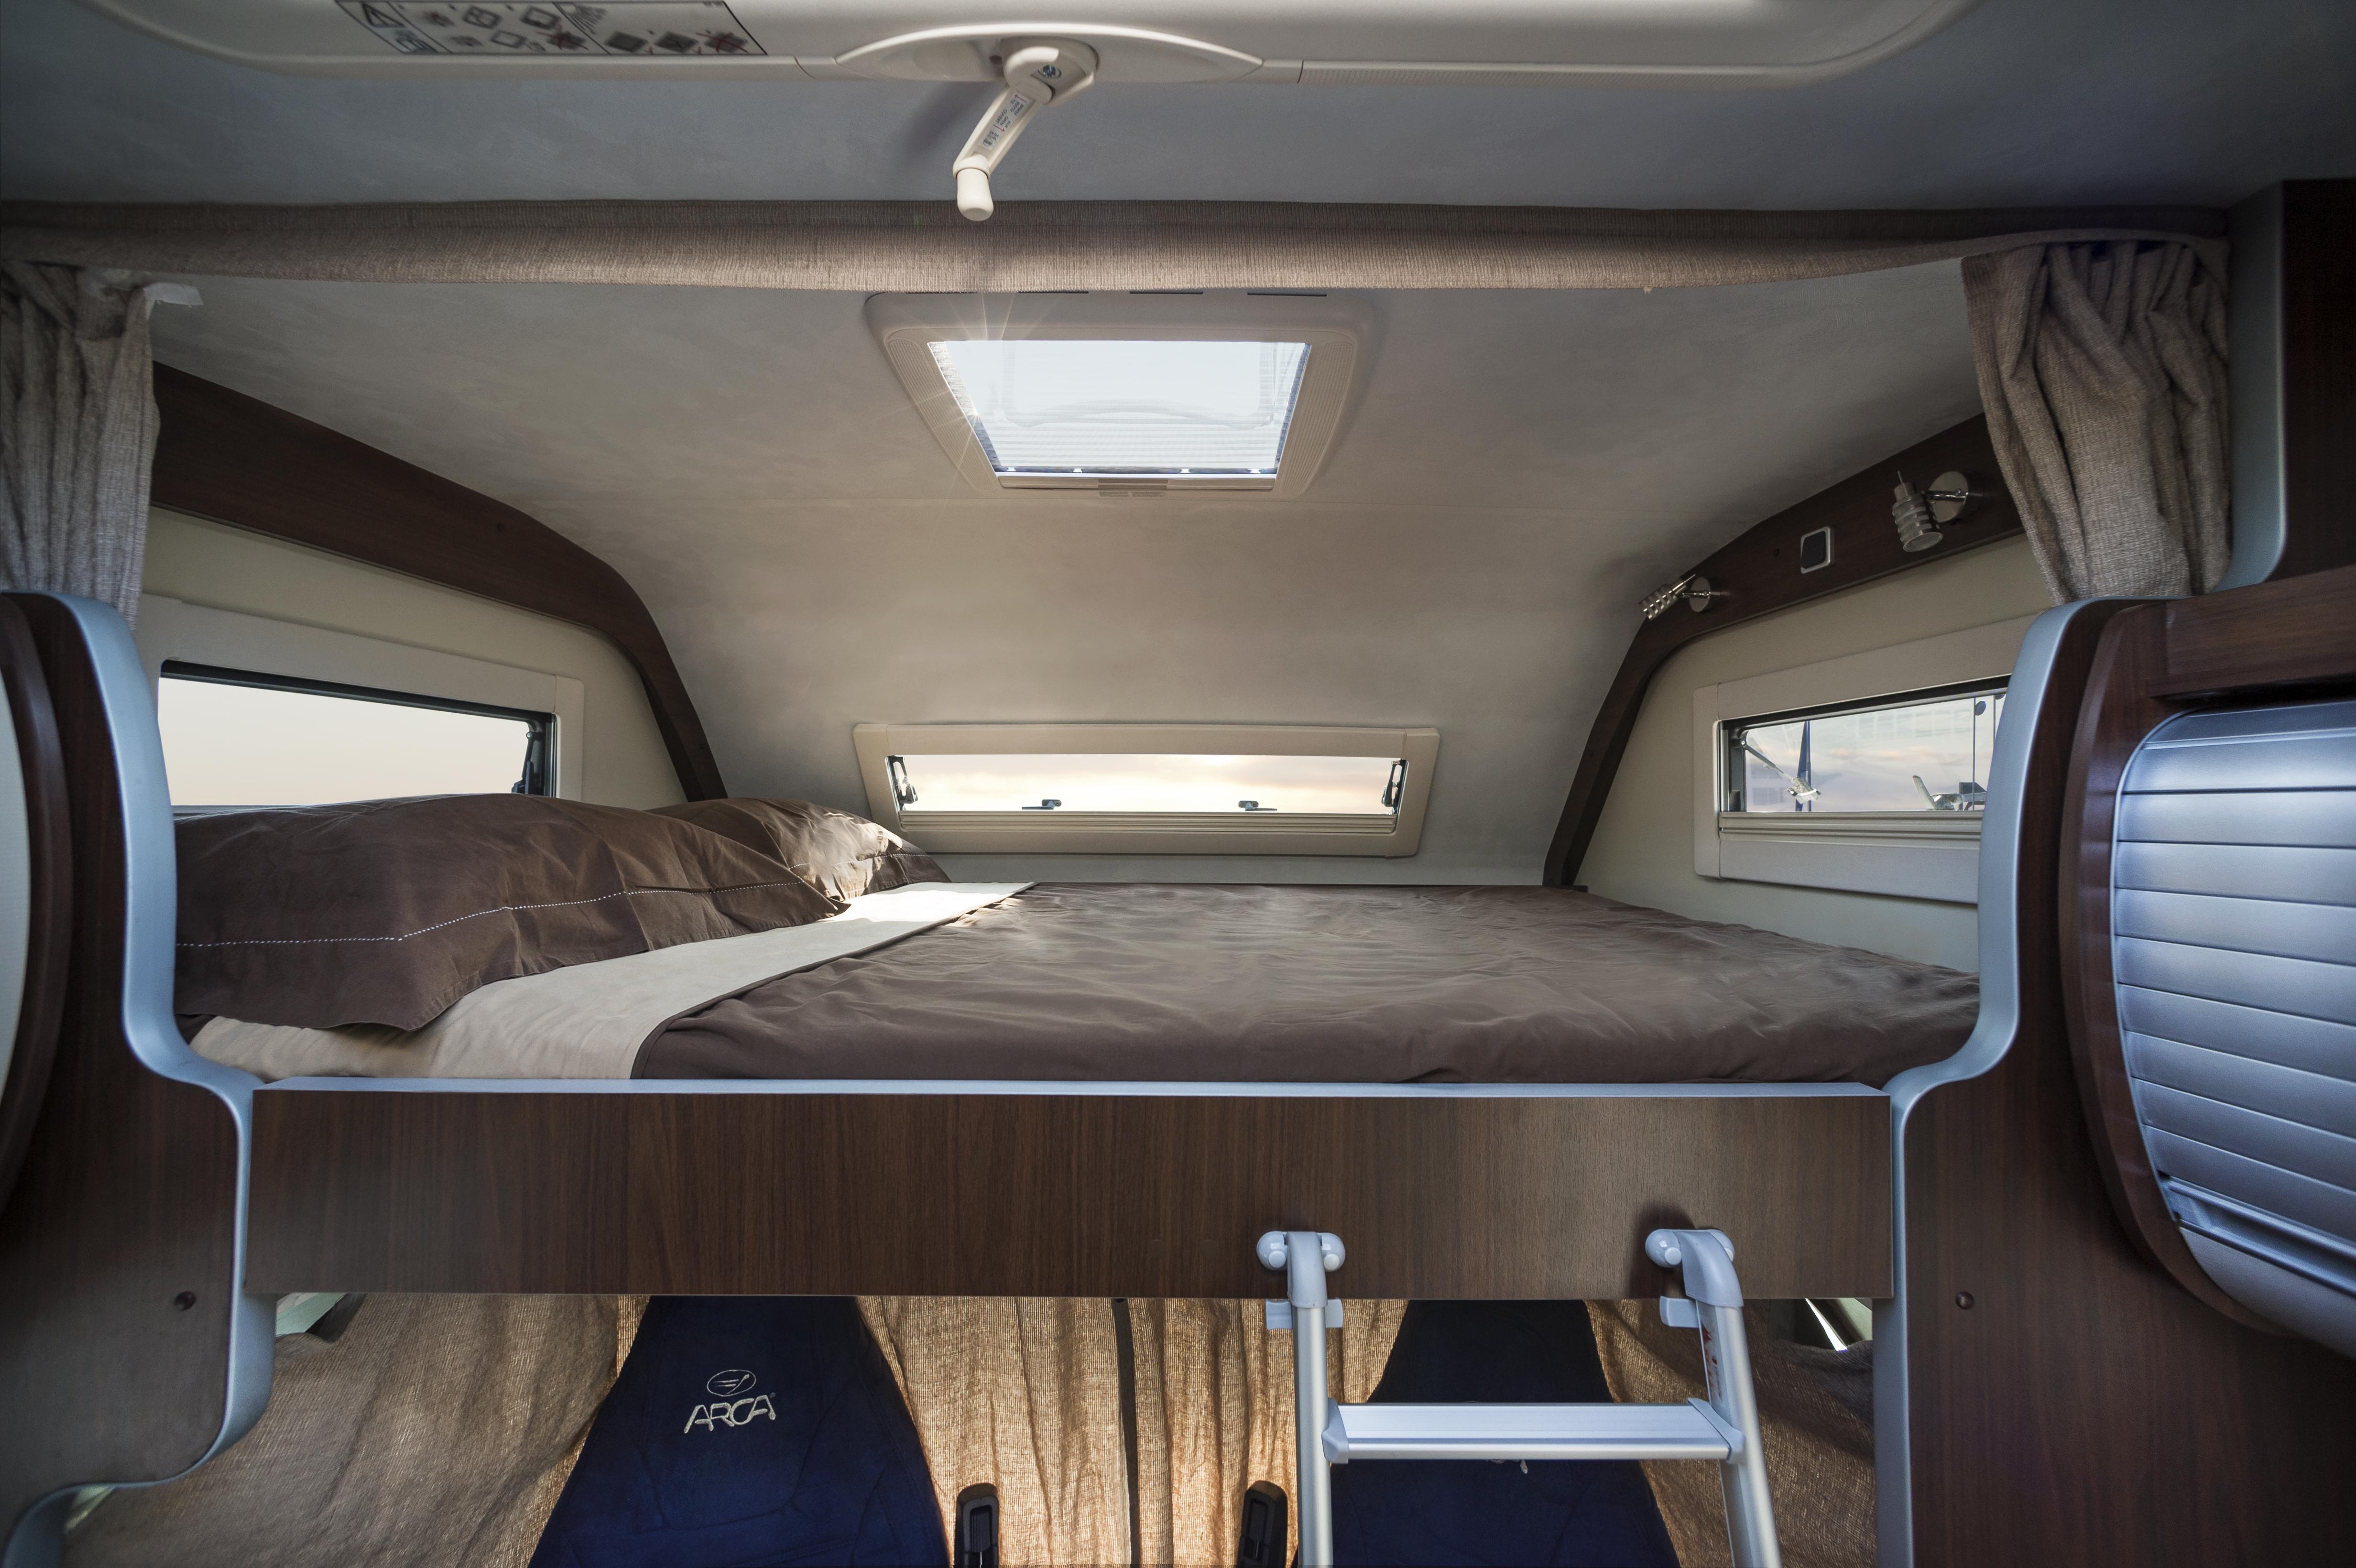 Vacanze in camper come e perch scegliere un mansardato for Apri le foto di case di concetto